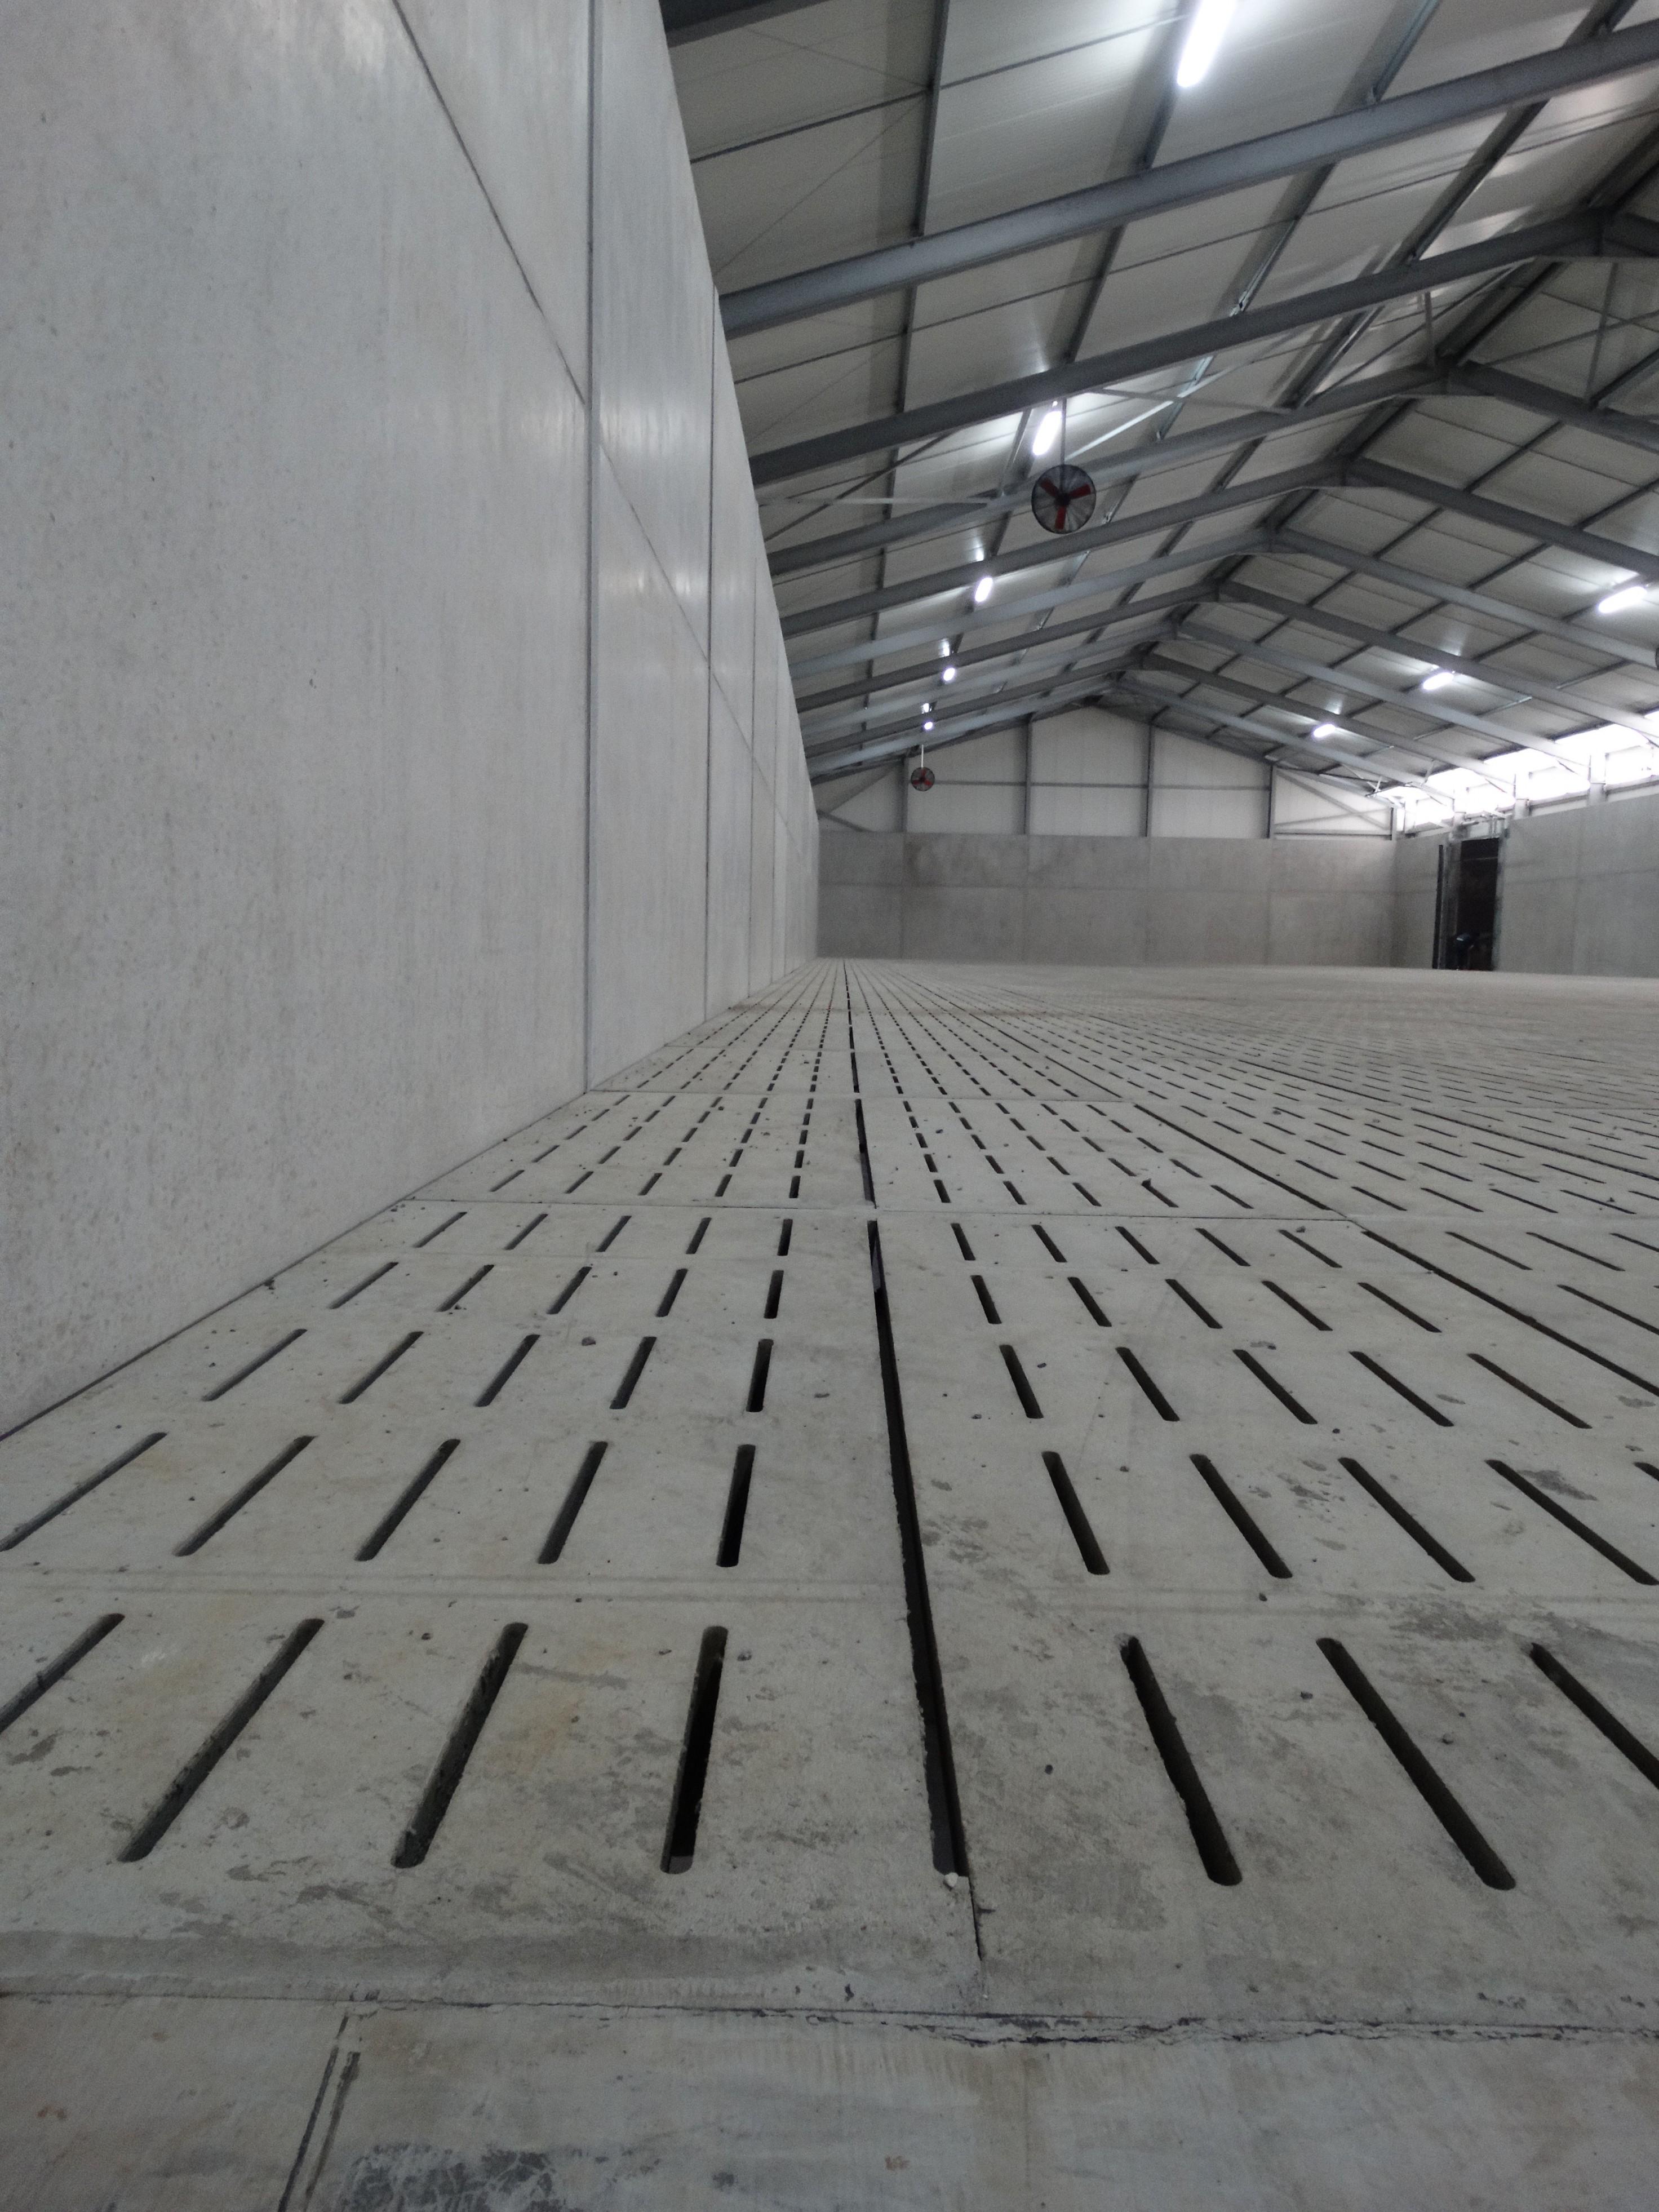 lefevre-Rosseignies-aardappelloods_hangar stockage pommes de terre (3)